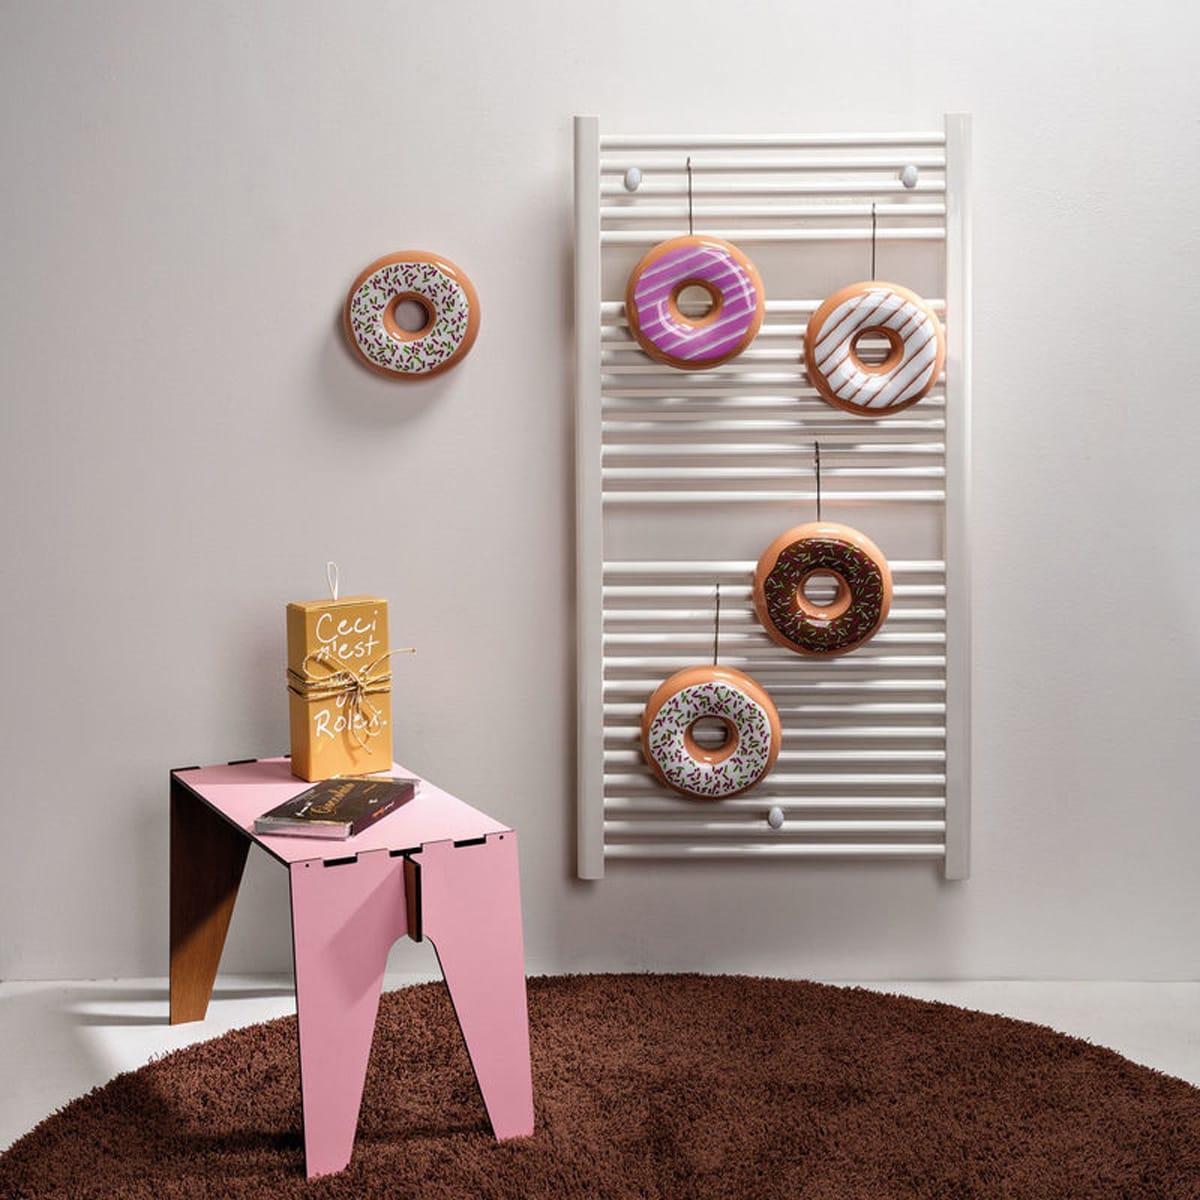 Umidificatori per termosifone in ceramica colorata a forma di ciambella, donut